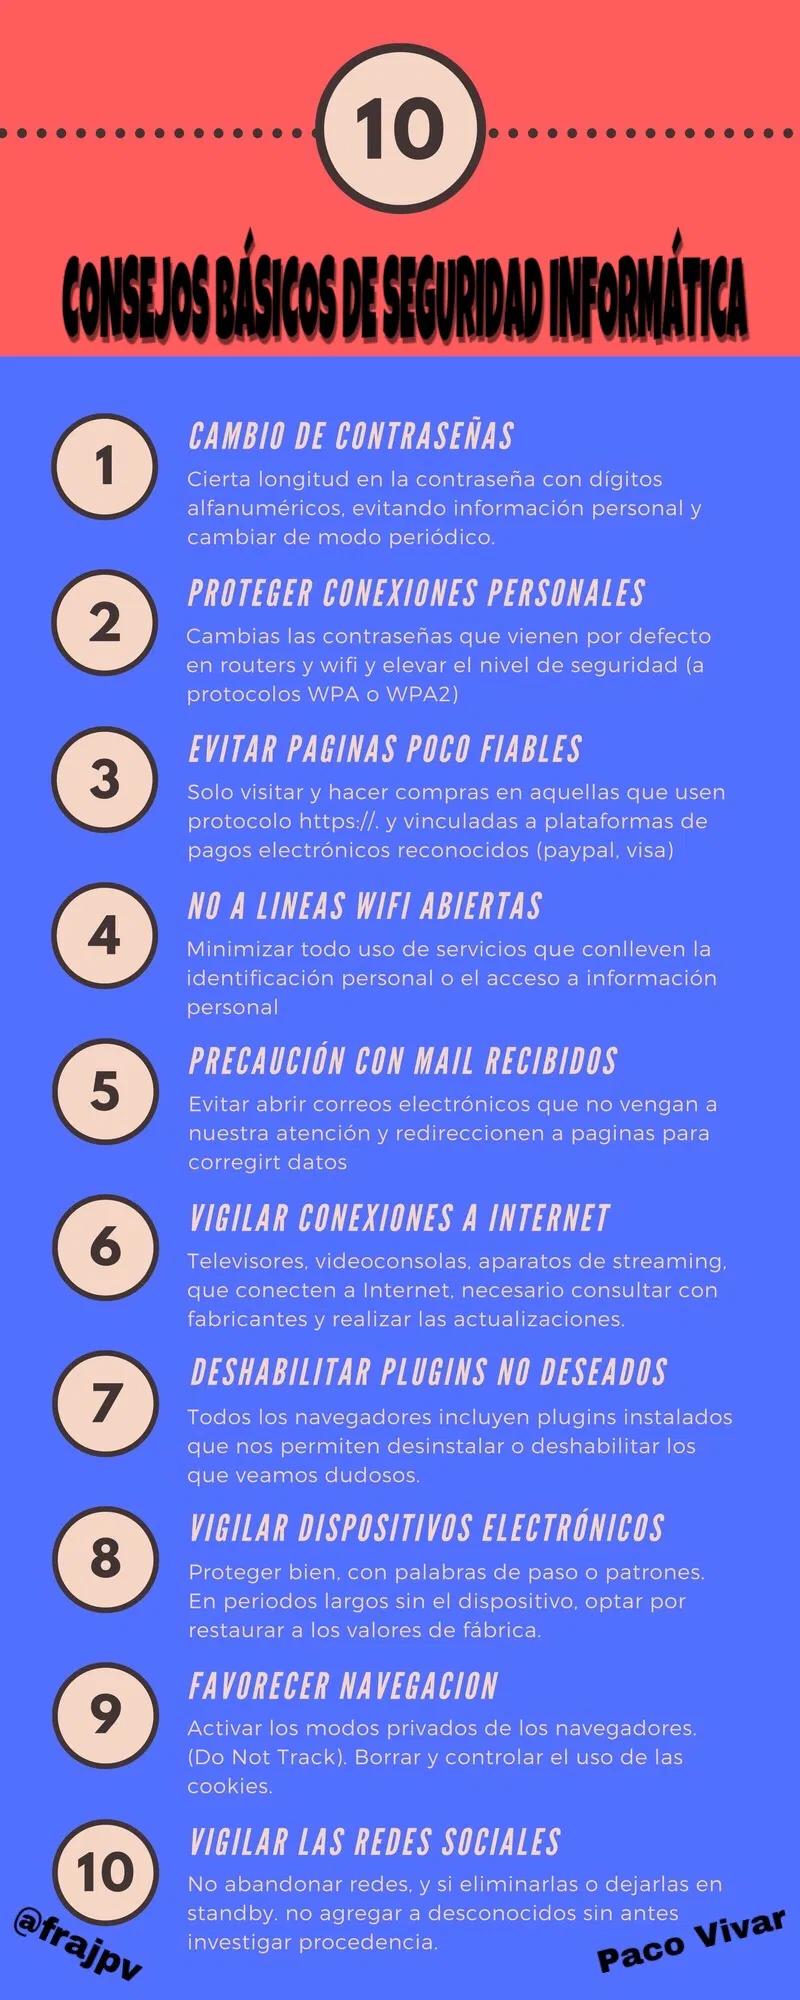 Como Cambiar La Contraseña Del Wifi Claro 10 Consejos Basicos De Seguridad Informatica Infografia